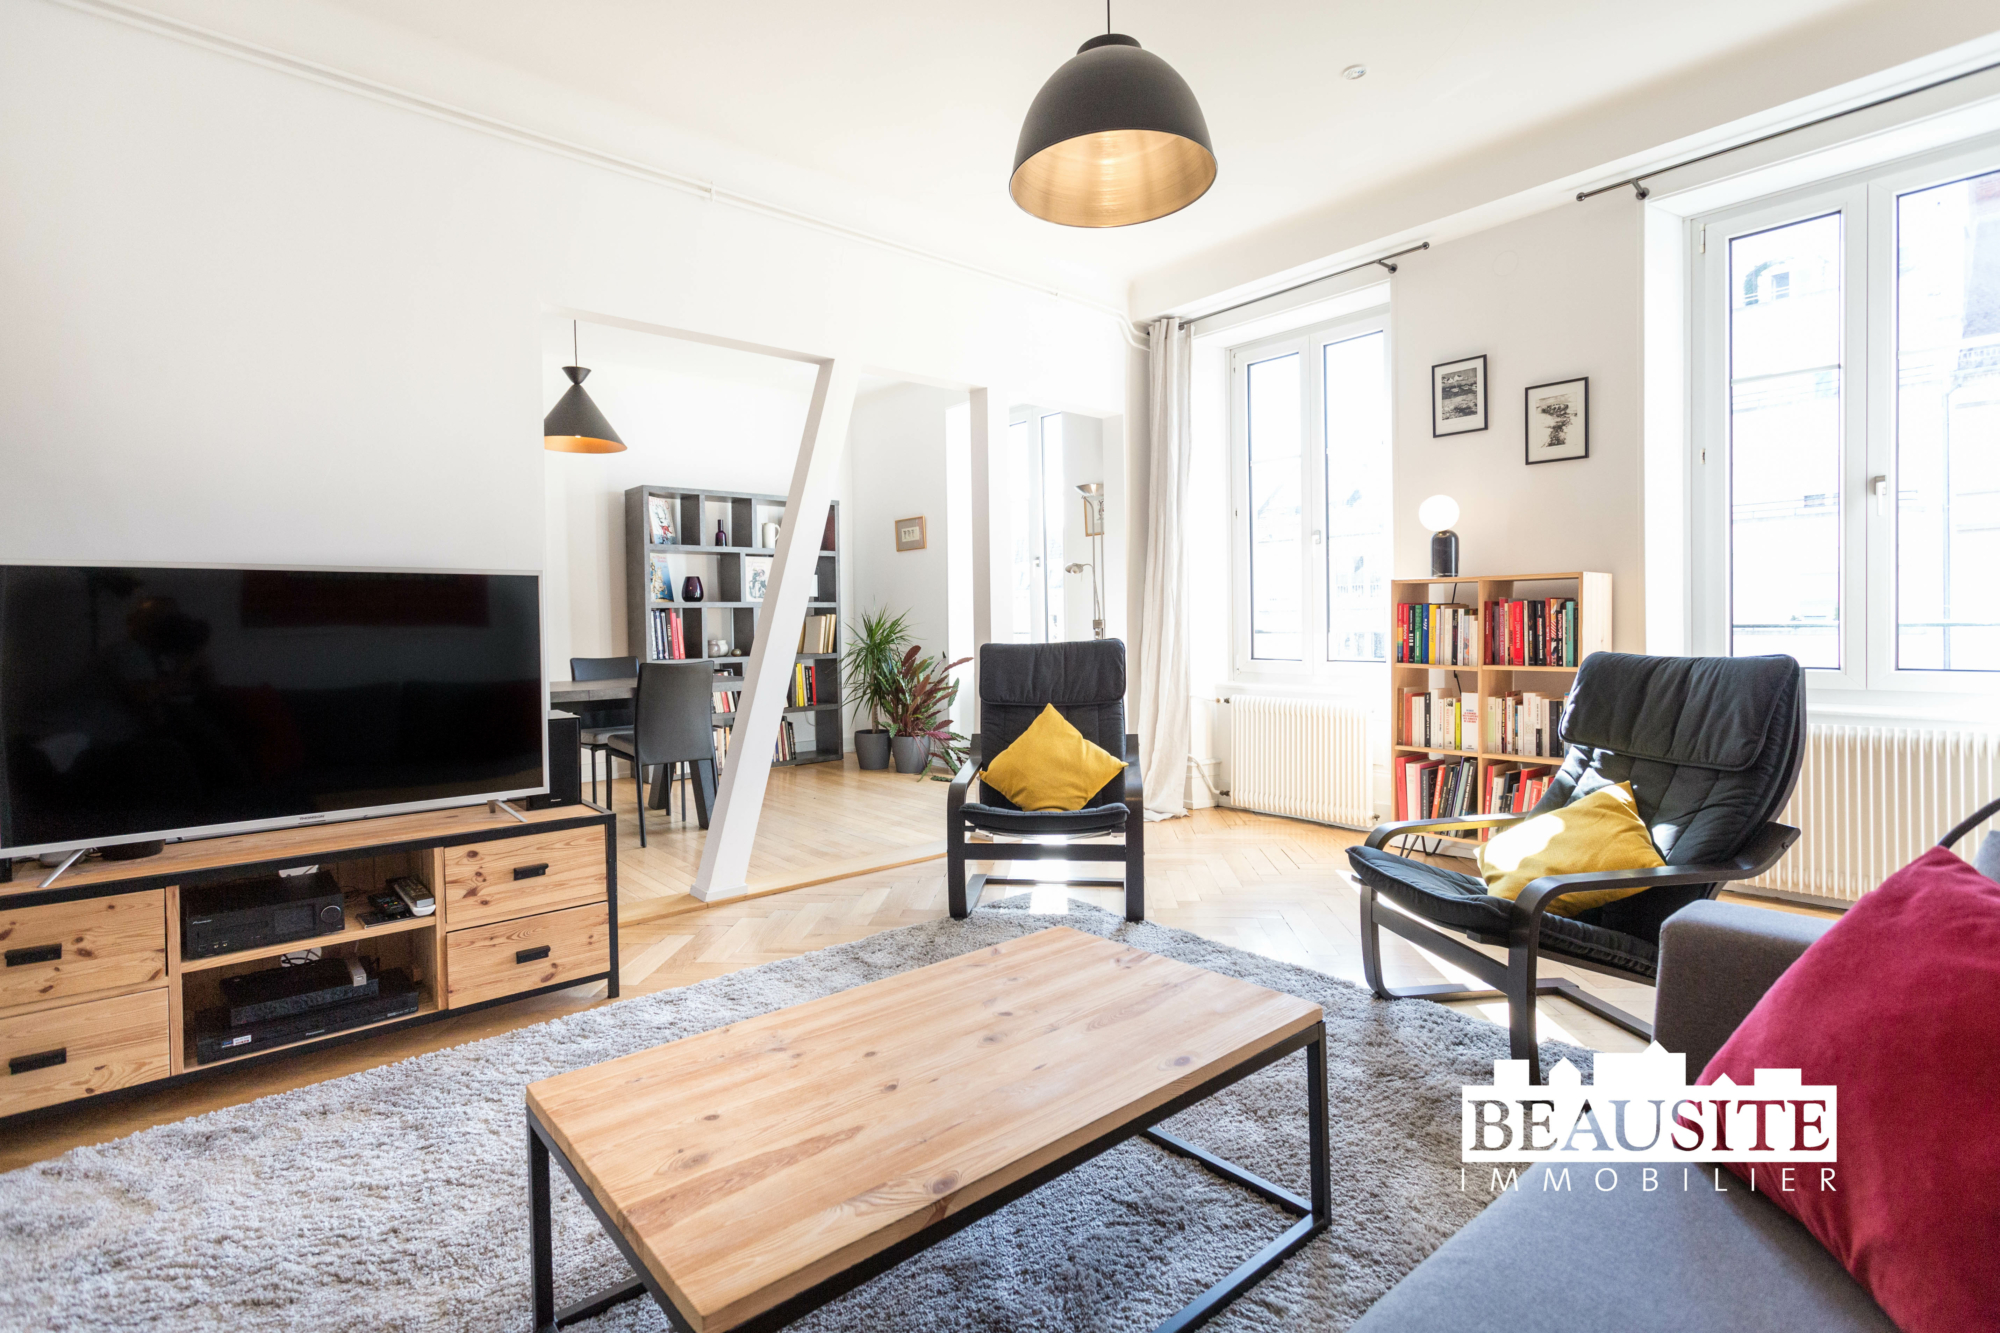 [Sobremesa] L'appartement 5 pièces chaleureux et convivial - Strasbourg / Boulevard du Président Poincaré - nos ventes - Beausite Immobilier 3